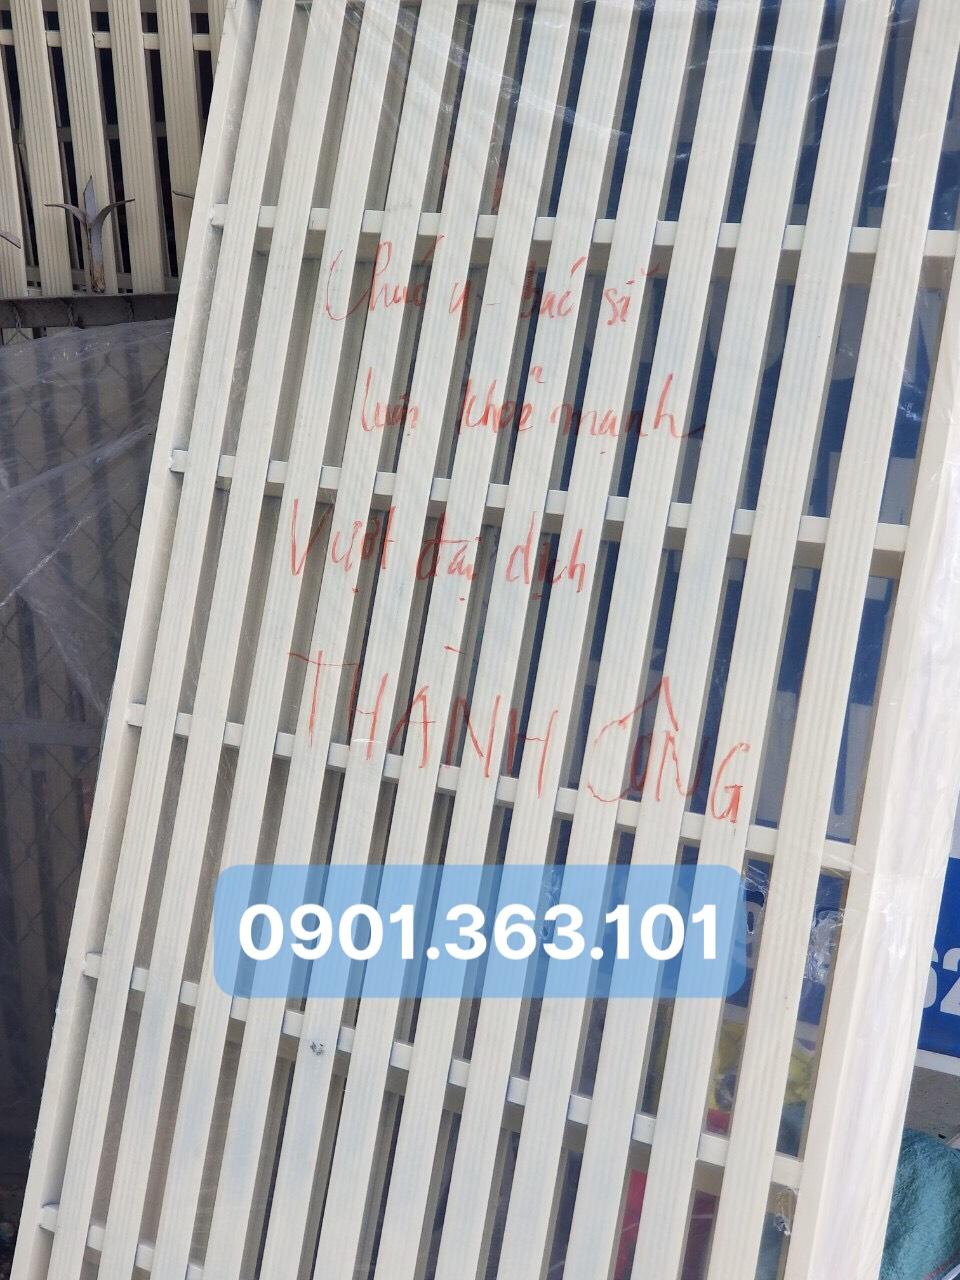 Z2667856807948 23cc4073de52ad15c948ede30e9fdc6d